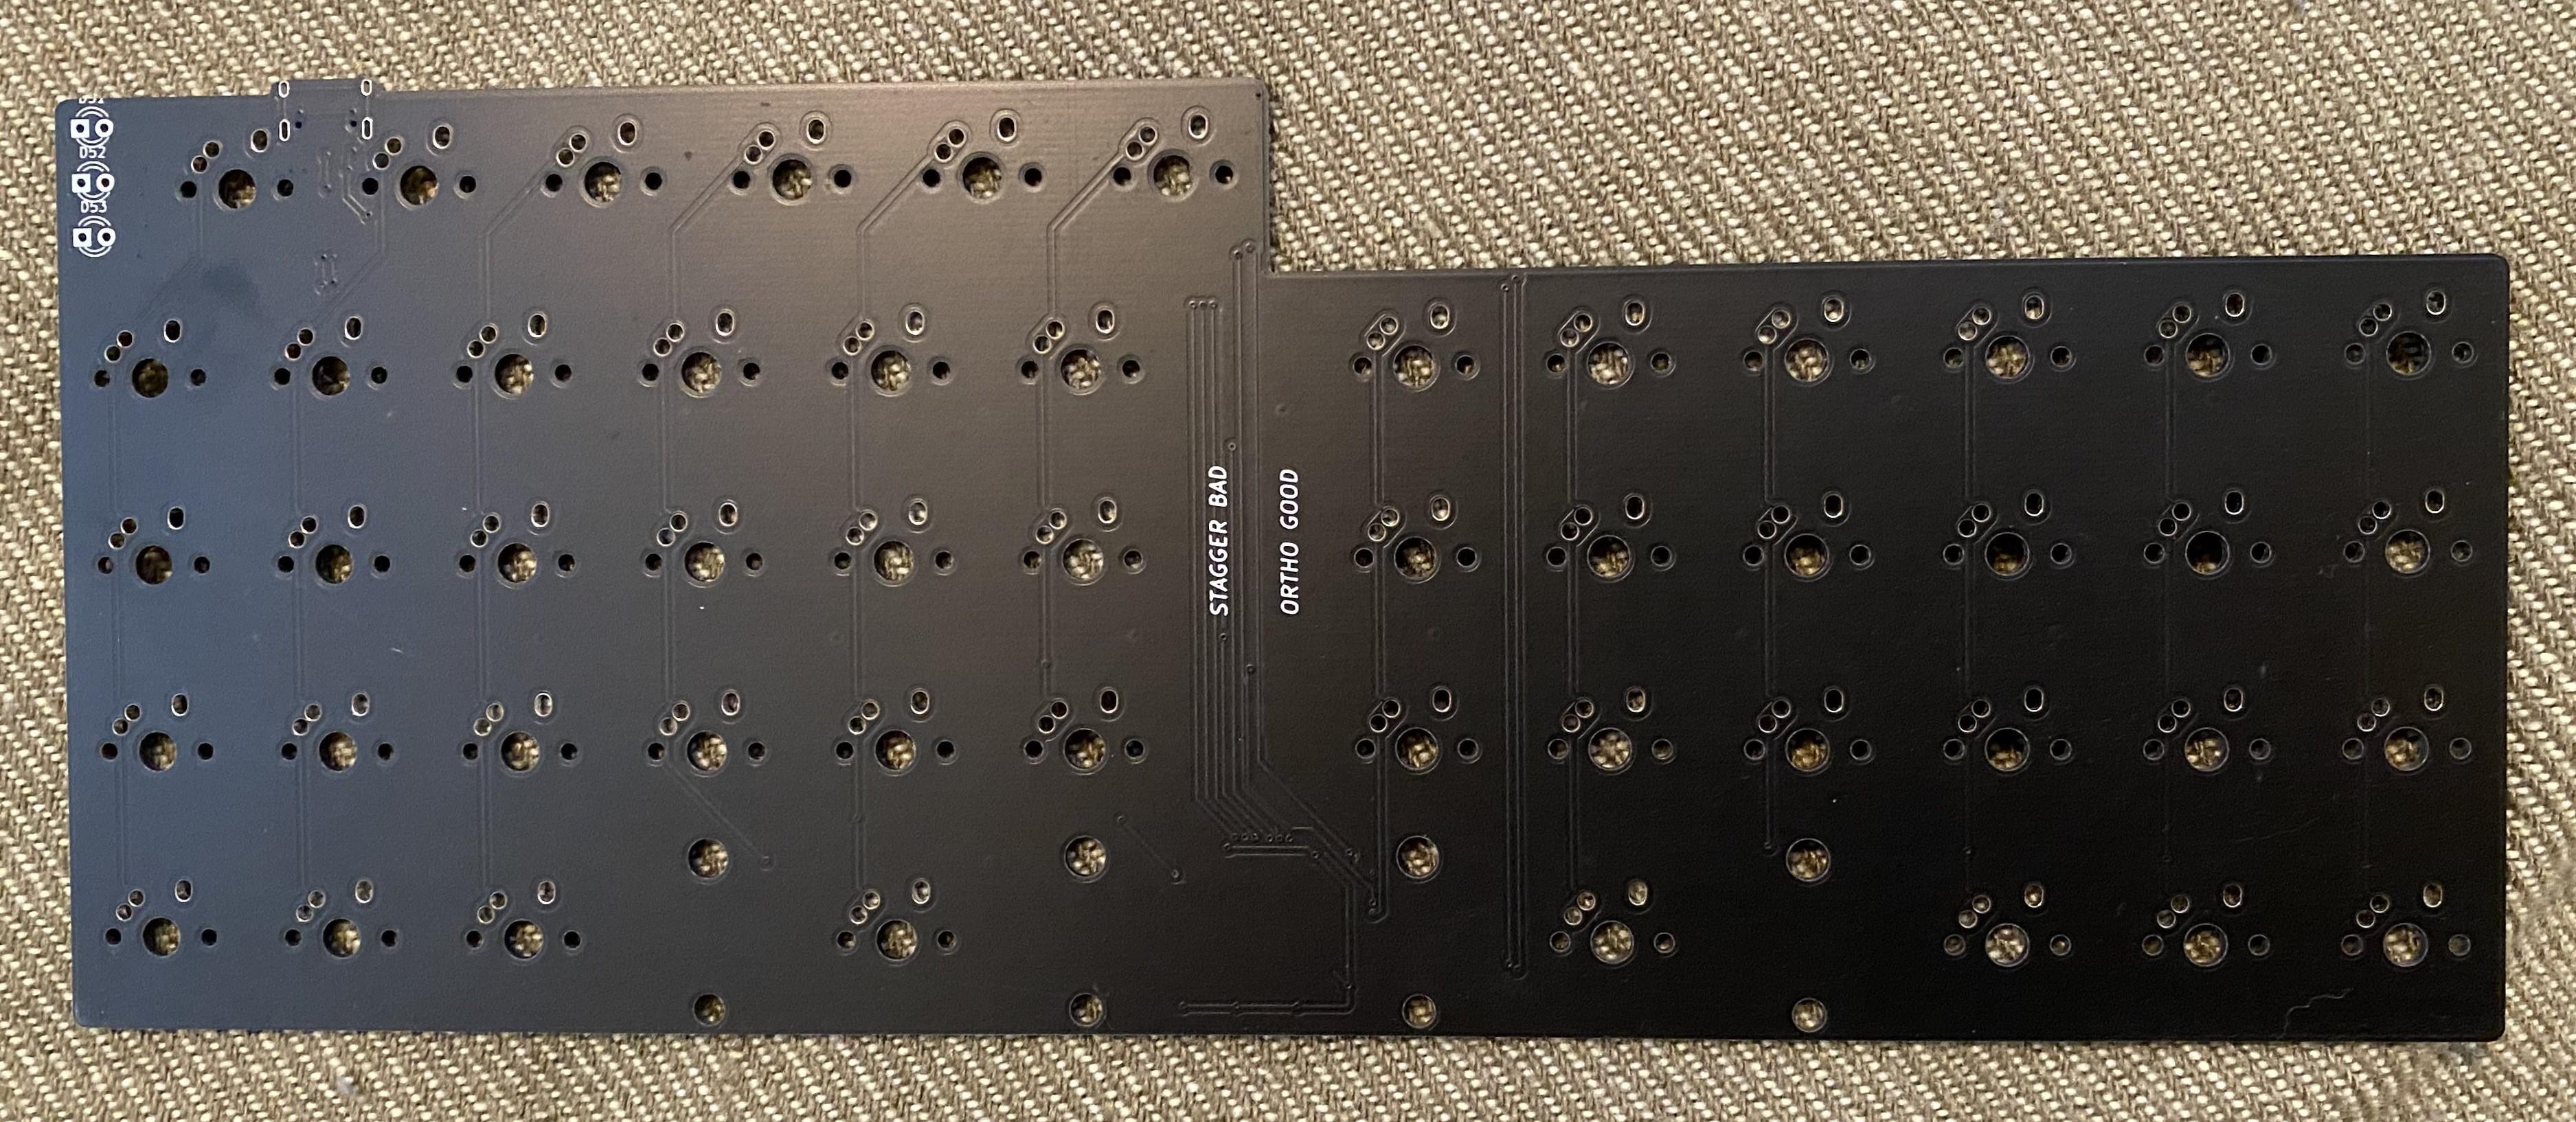 V4N4G0RTH0N V2 PCB front